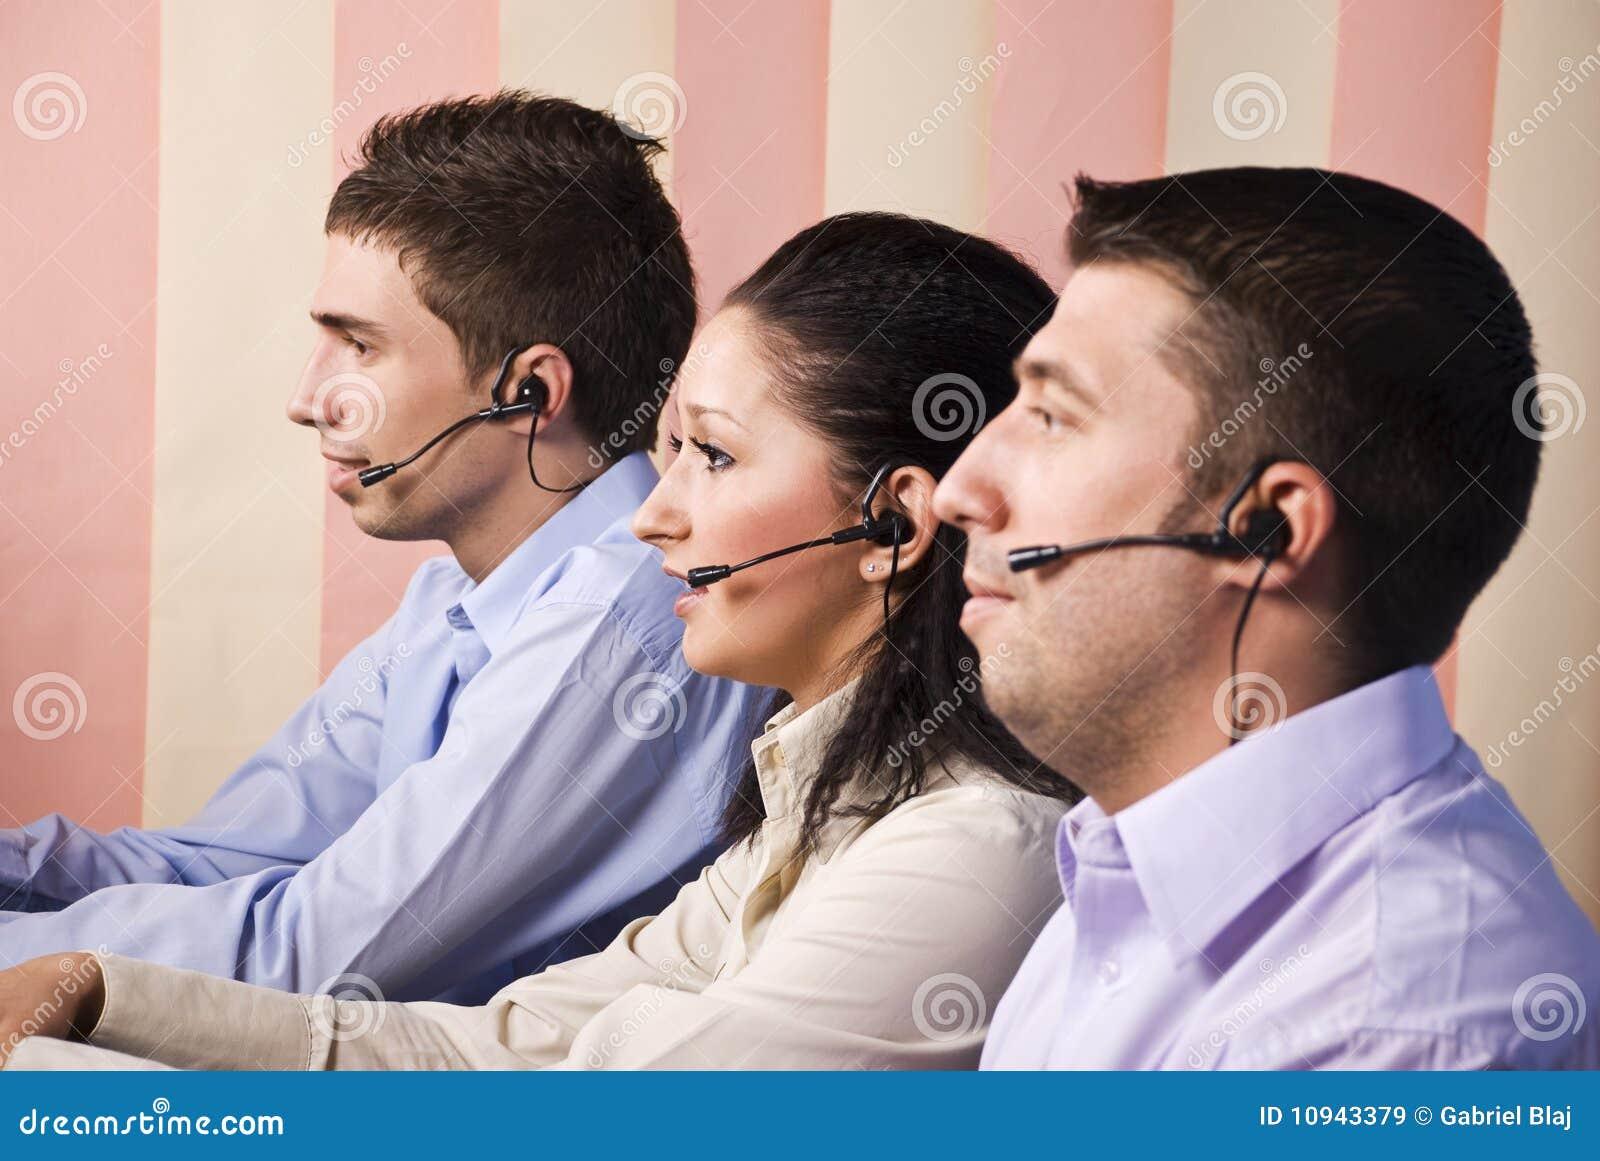 работники офиса центра телефонного обслуживания